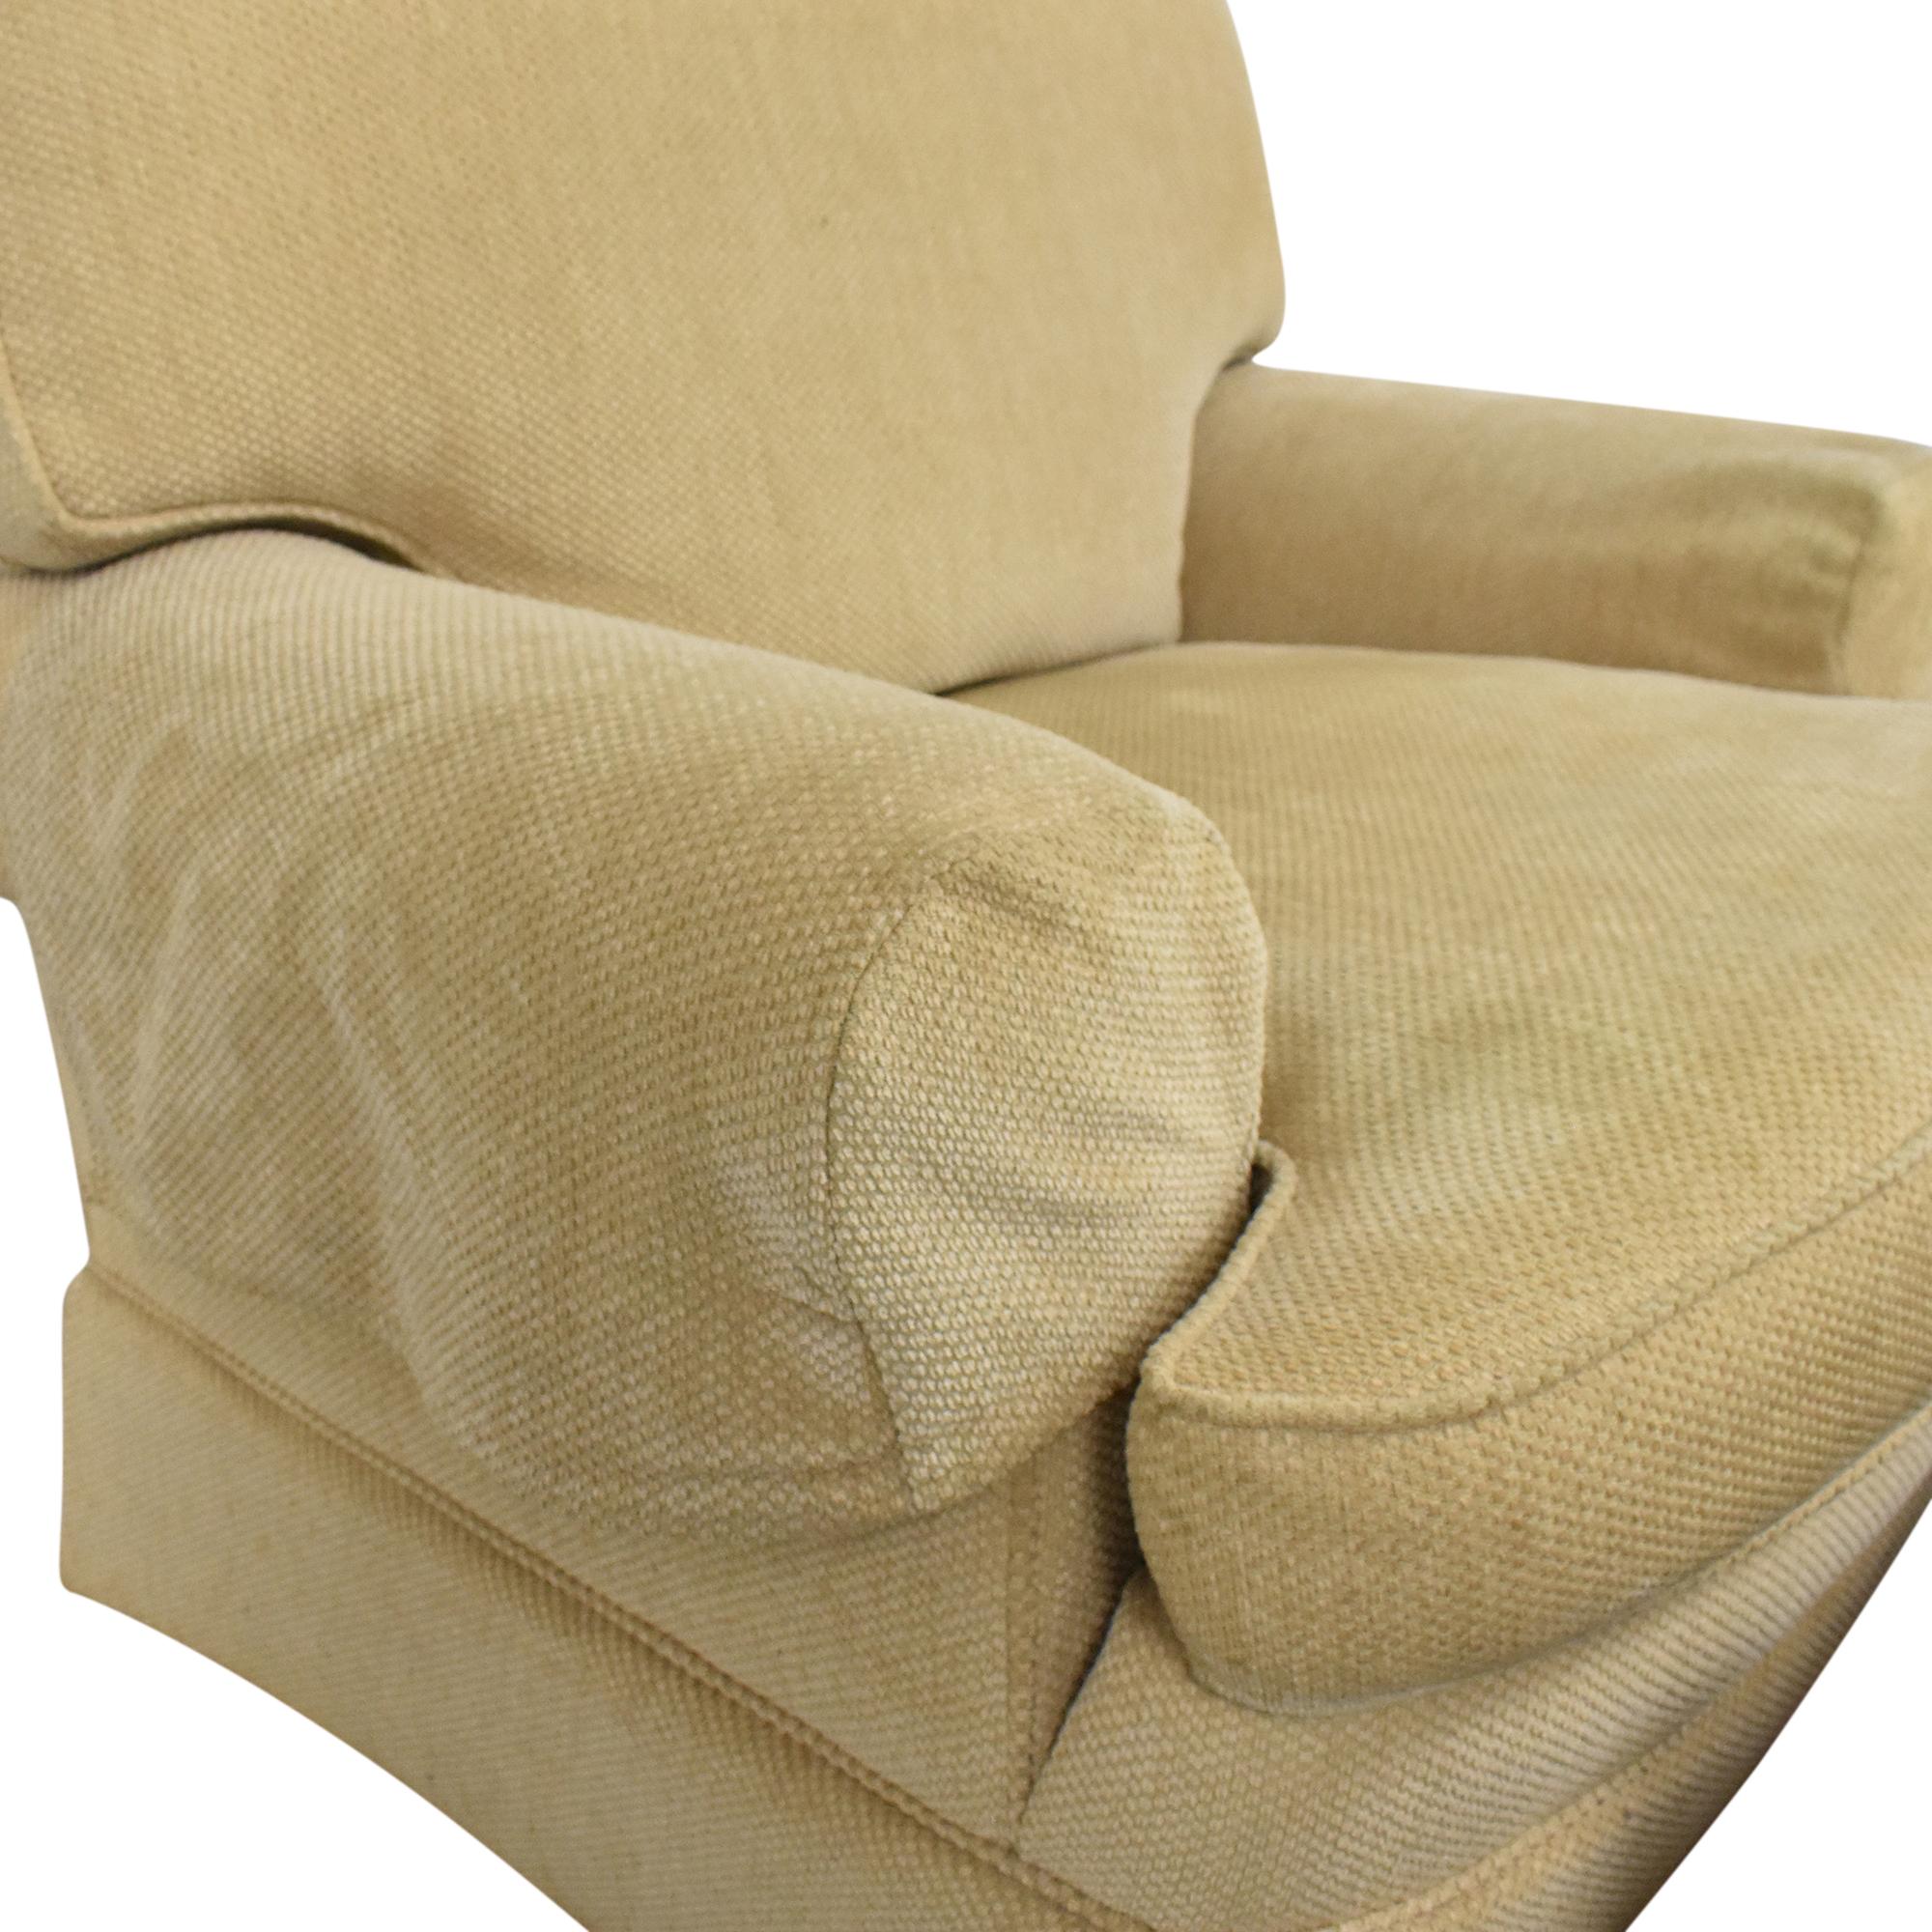 Ralph Lauren Home Ralph Lauren Home Chair with Ottoman ct